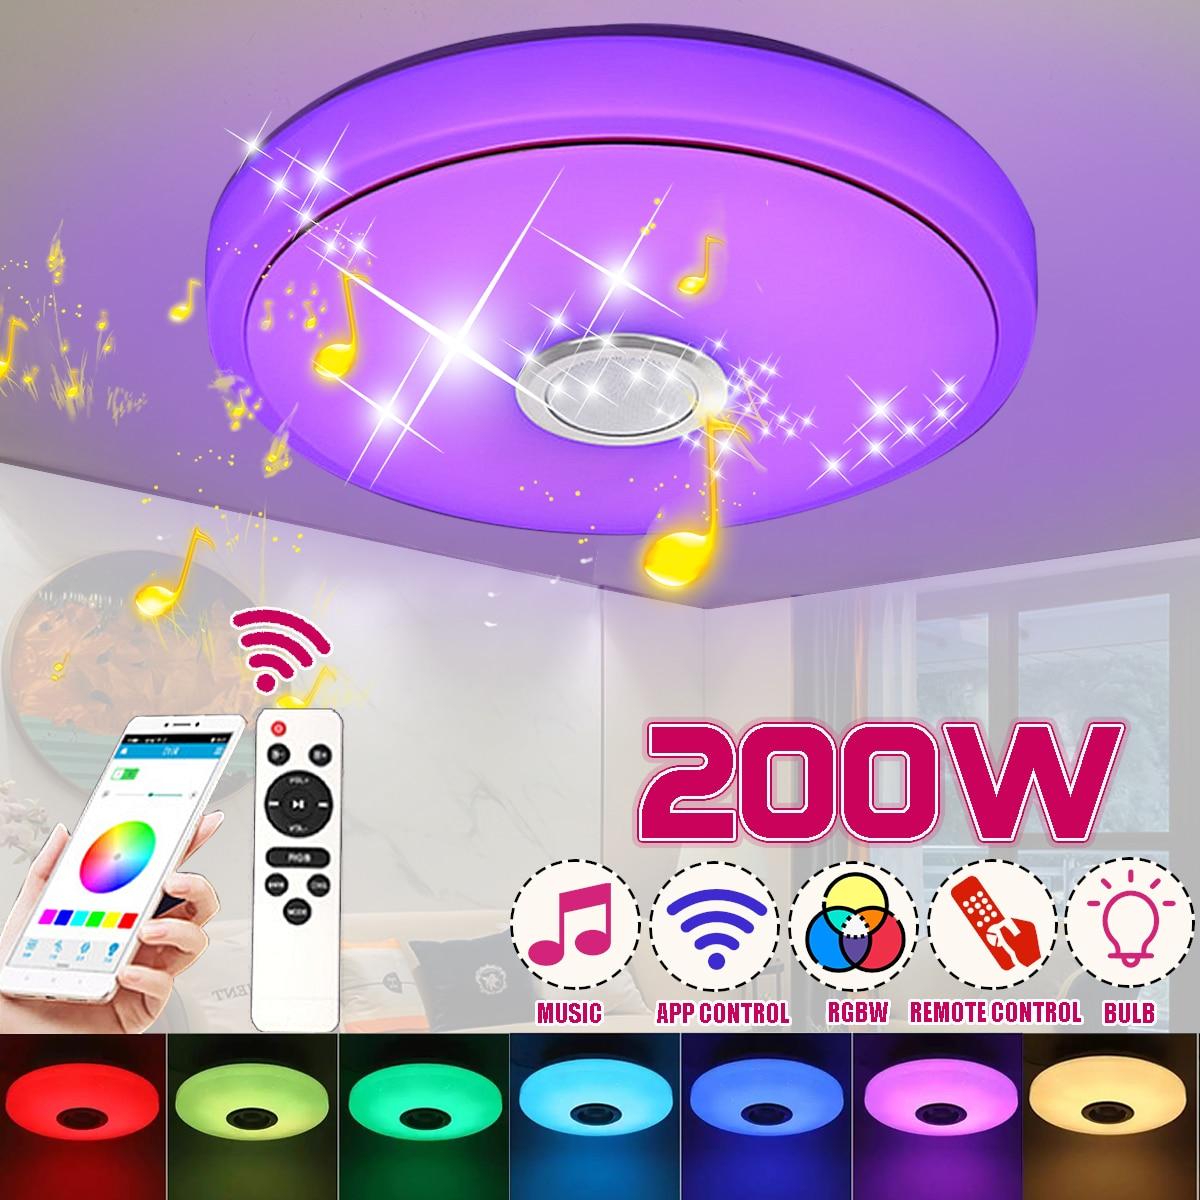 Yeni 200W LED RGB akıllı müzik tavan lambası APP/uzaktan kumanda 220V Modern bluetooth dim renkli işık